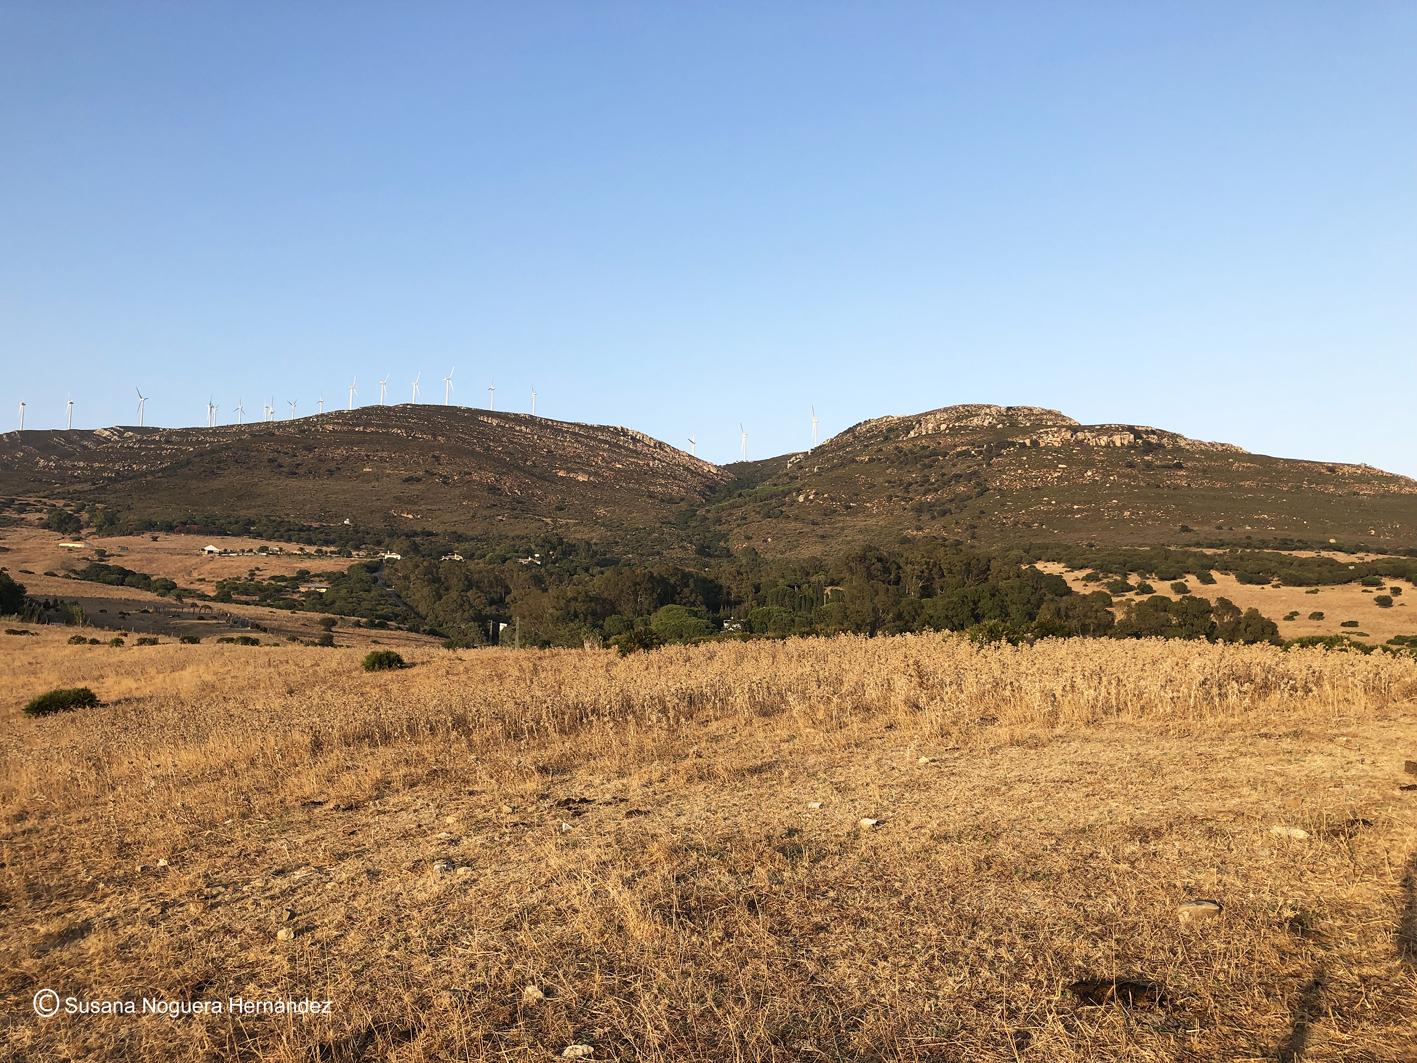 Sierra de Enmedio, coronada por un parque eólico. Imagen: Imagen: Susana Noguera Hernández